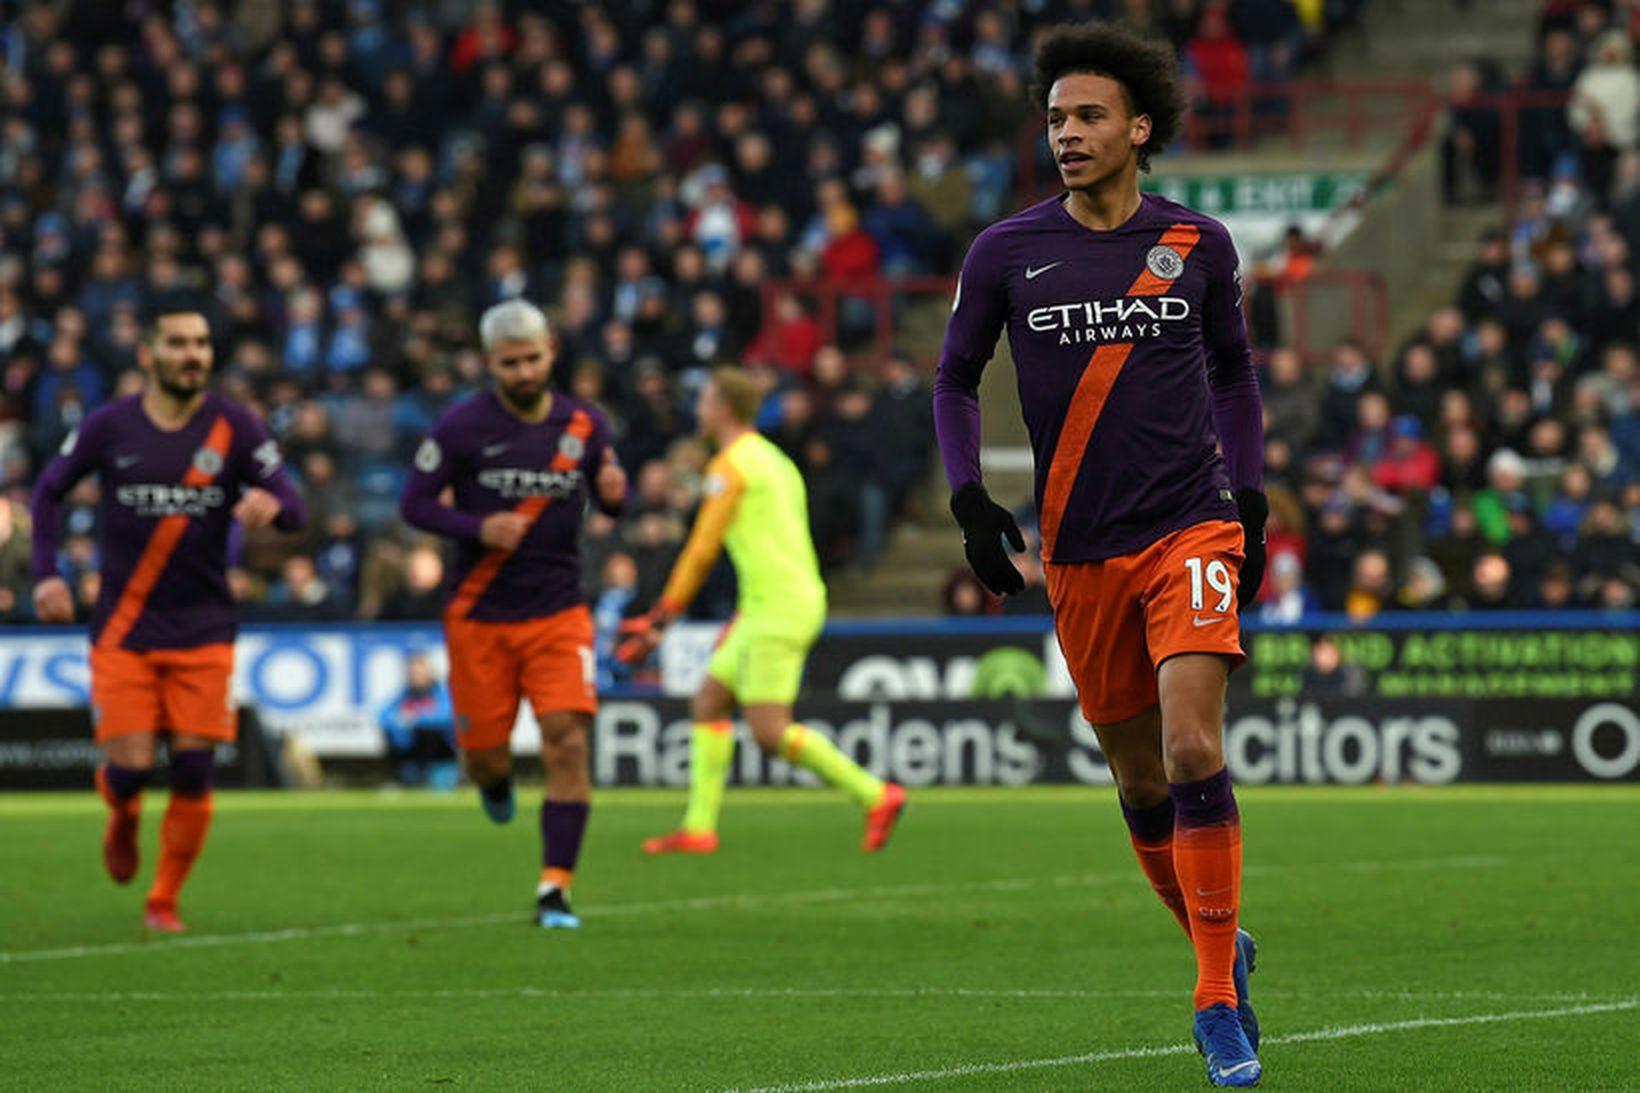 Leroy Sané átti mjög góðan leik fyrir Manchester City og …